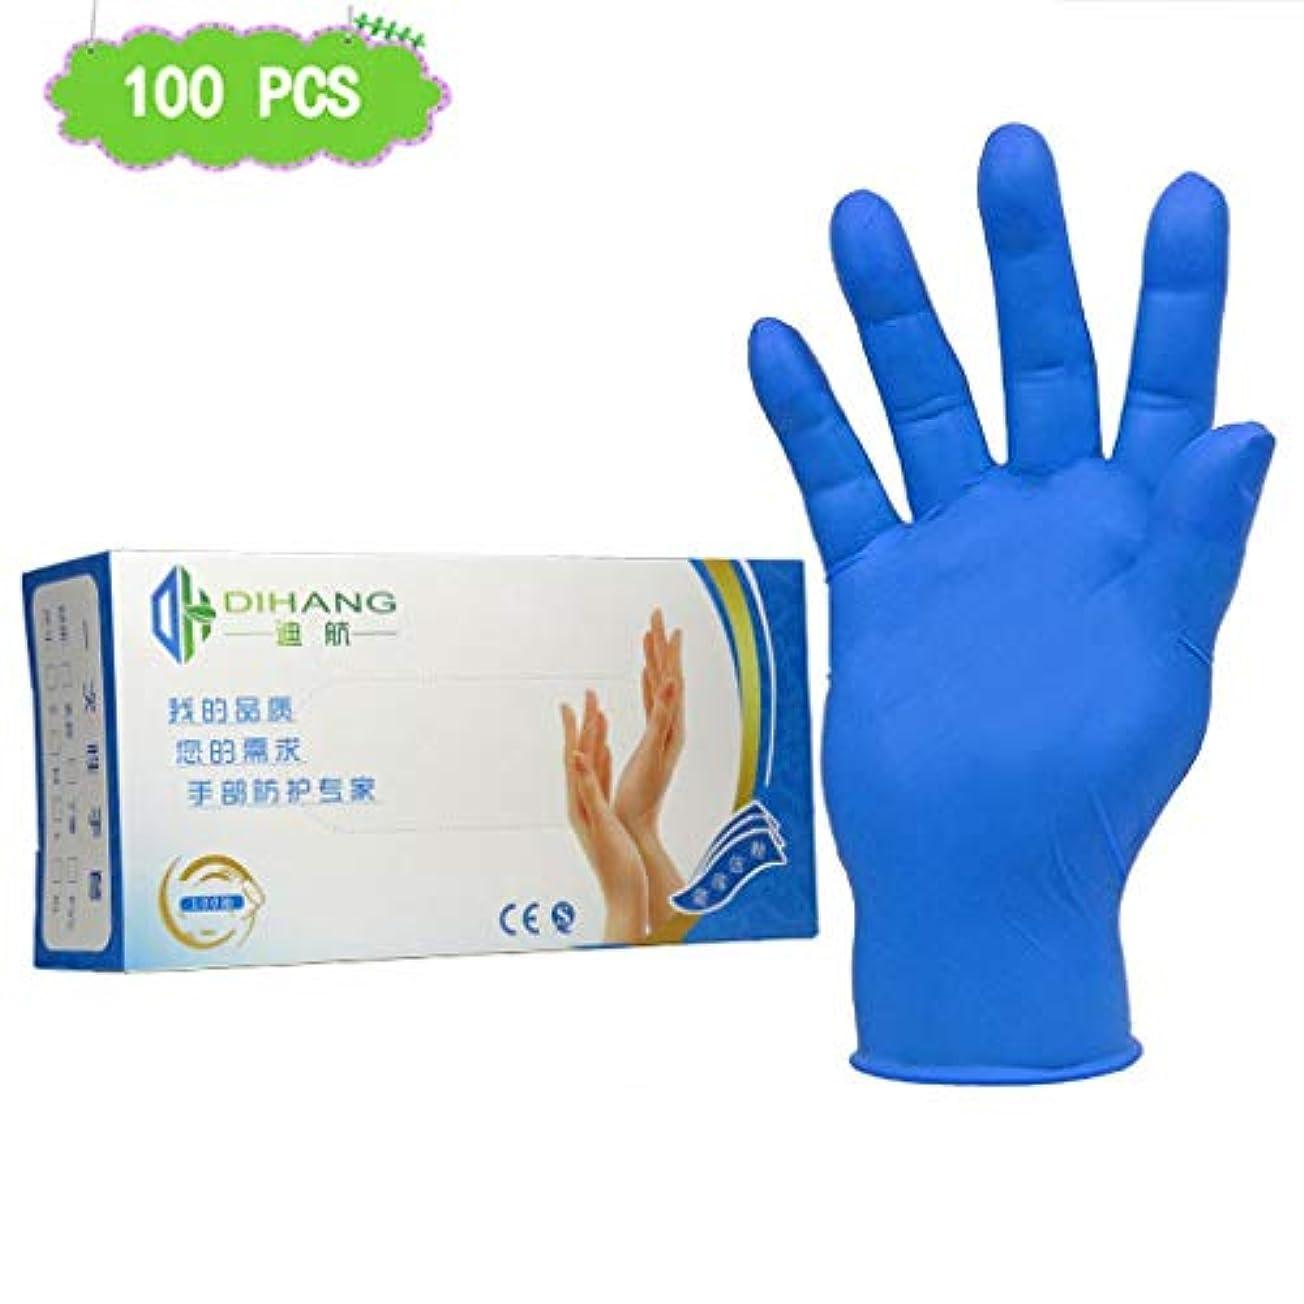 分析ボイド前者ニトリル手袋、9インチ箱入りパウダーフリー工業用検査手袋ダークブルー一般麻肥厚ペットケアネイルアート検査保護実験、ビューティーサロンラテックスフリー、、 100個 (Size : L)